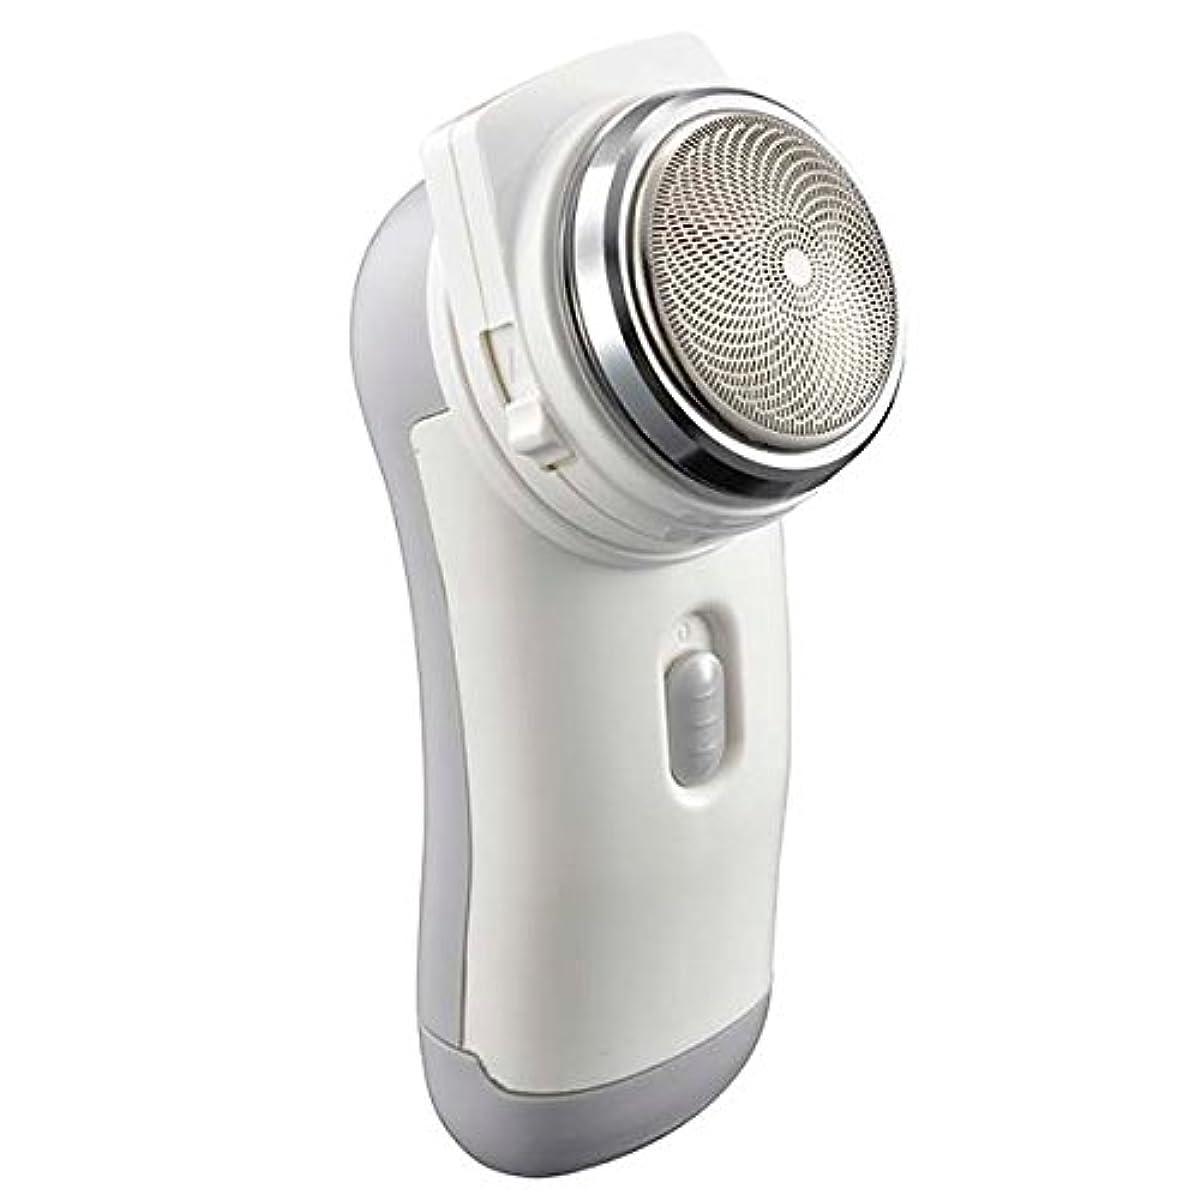 シェーバー メンズ ポケットシェーバー 携帯便利 静音回転式 もみあげ対応 電池式 キワゾリ刃付き 高性能シェーバー 髭剃り ひげそり 男性用 回転式ポケットシェーバー プレゼントにも最適